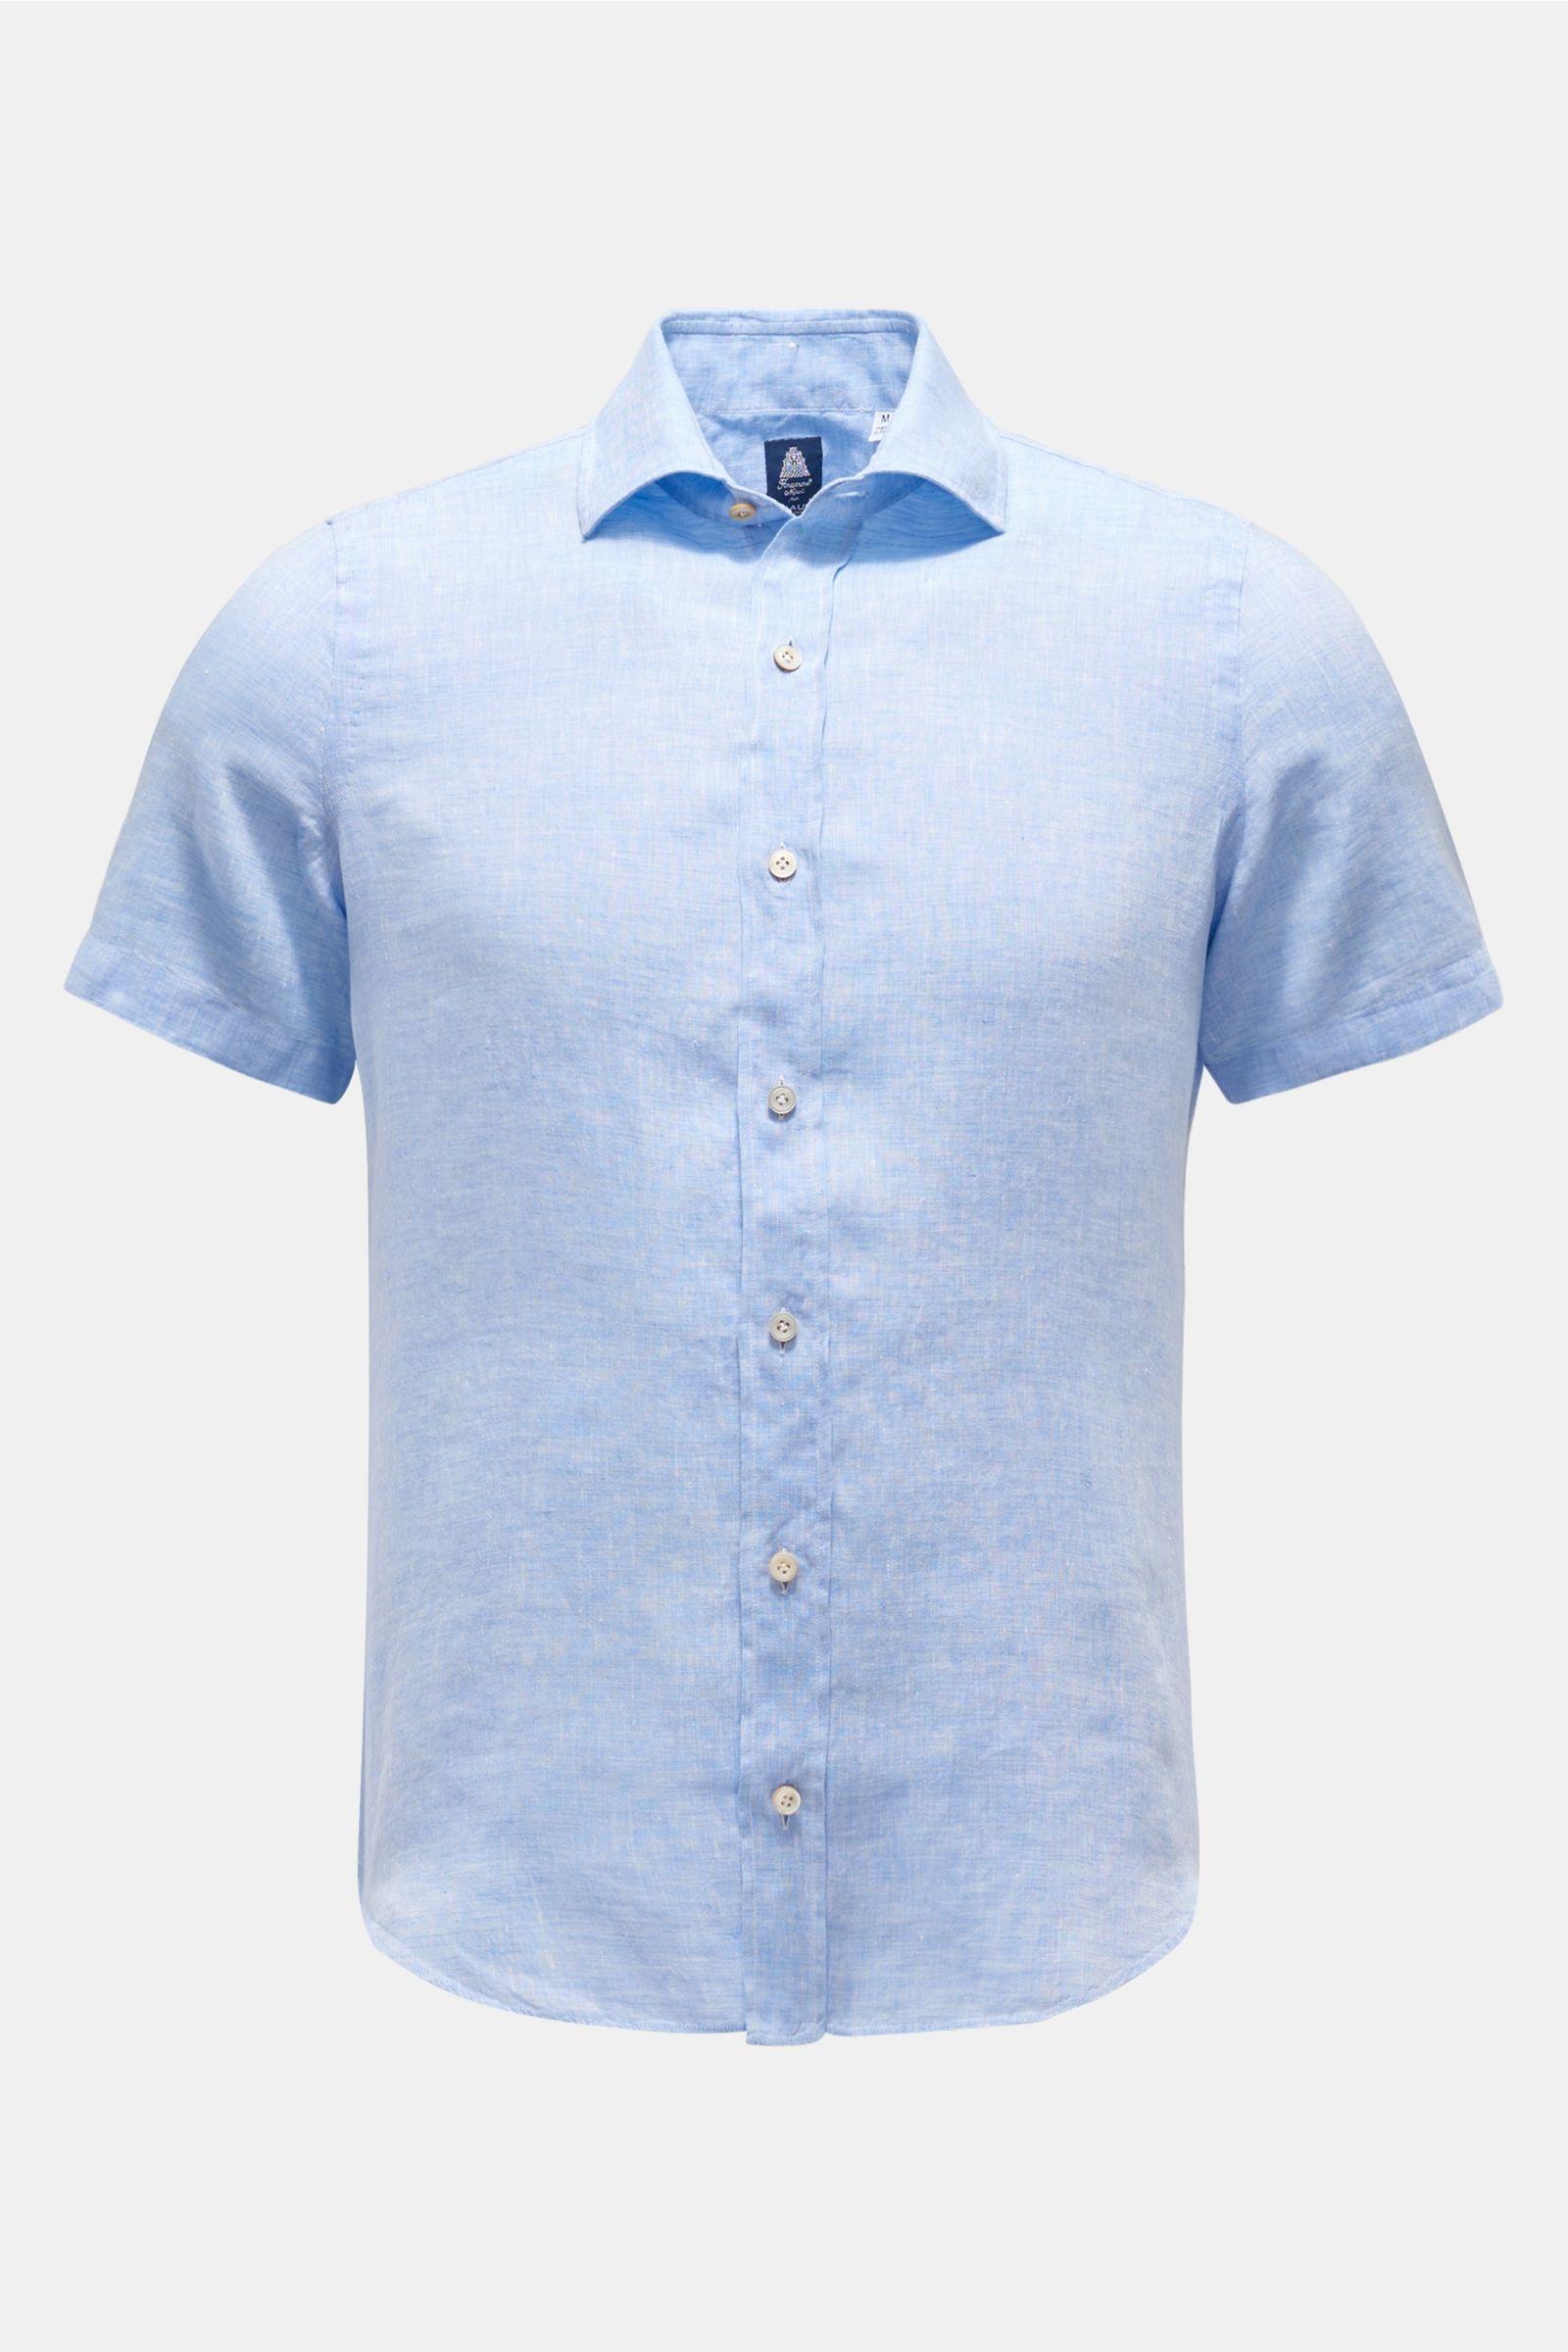 Leinen-Kurzarmhemd 'Luigi Giglio' schmaler Kragen hellblau